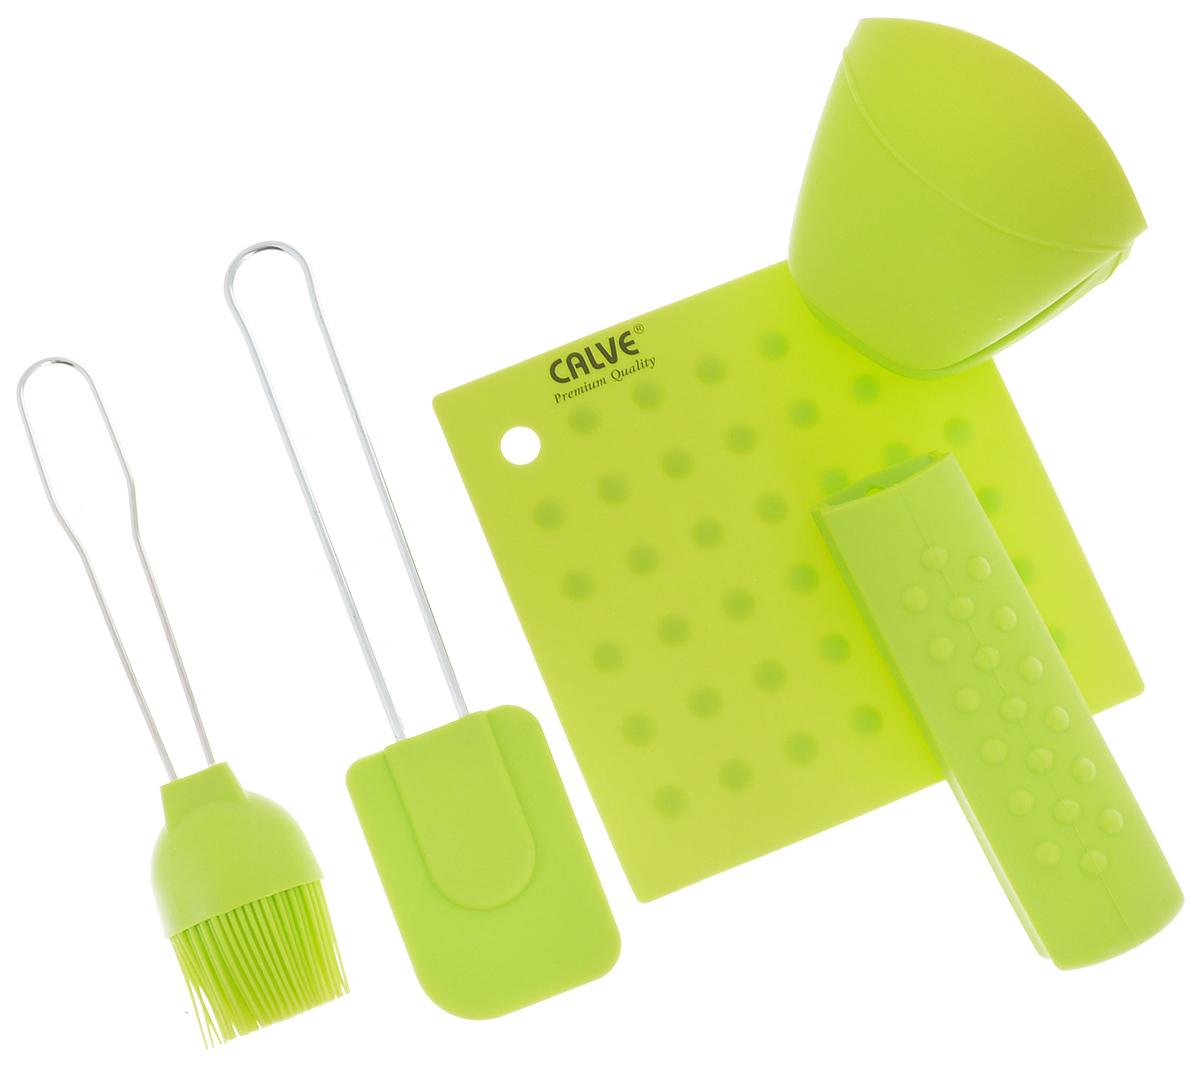 Набор для выпечки Calve, цвет: салатовый, 5 предметовCL-4606Набор для выпечки Calve состоит из подставки под горячее, лопатки, кисточки, прихватки на ручку и прихватки для пальцев. Это самые востребованные приборы для приготовления выпечки. Все предметы набора выполнены из высококачественного и термостойкого силикона. Ручки лопатки и кисточки выполнены из нержавеющей стали. Изделия безопасны для посуды с антипригарным и керамическим покрытием. Набор для выпечки Calve станет отличным дополнением к коллекции ваших кухонных аксессуаров. Размер подставки под горячее: 17 х 17 см. Размер рабочей поверхности лопатки: 8,5 х 6 х 1 см. Общая длина лопатки: 25 см. Размер рабочей поверхности кисти: 8 х 5 х 2,3 см. Общая длина кисти: 21,5 см. Размер прихватки для пальцев: 10 х 9 х 8 см. Длина прихватки на ручку: 15,5 см.